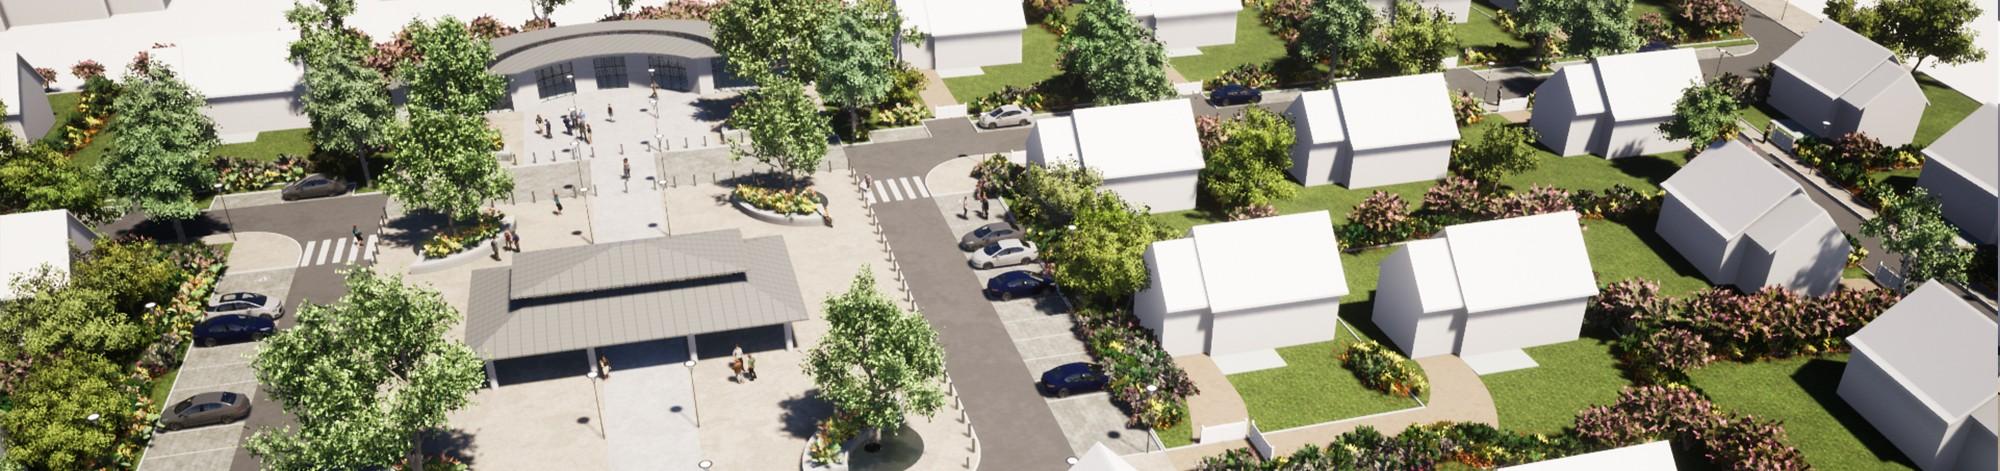 Aménagement urbain d'un lotissement et centre bourg